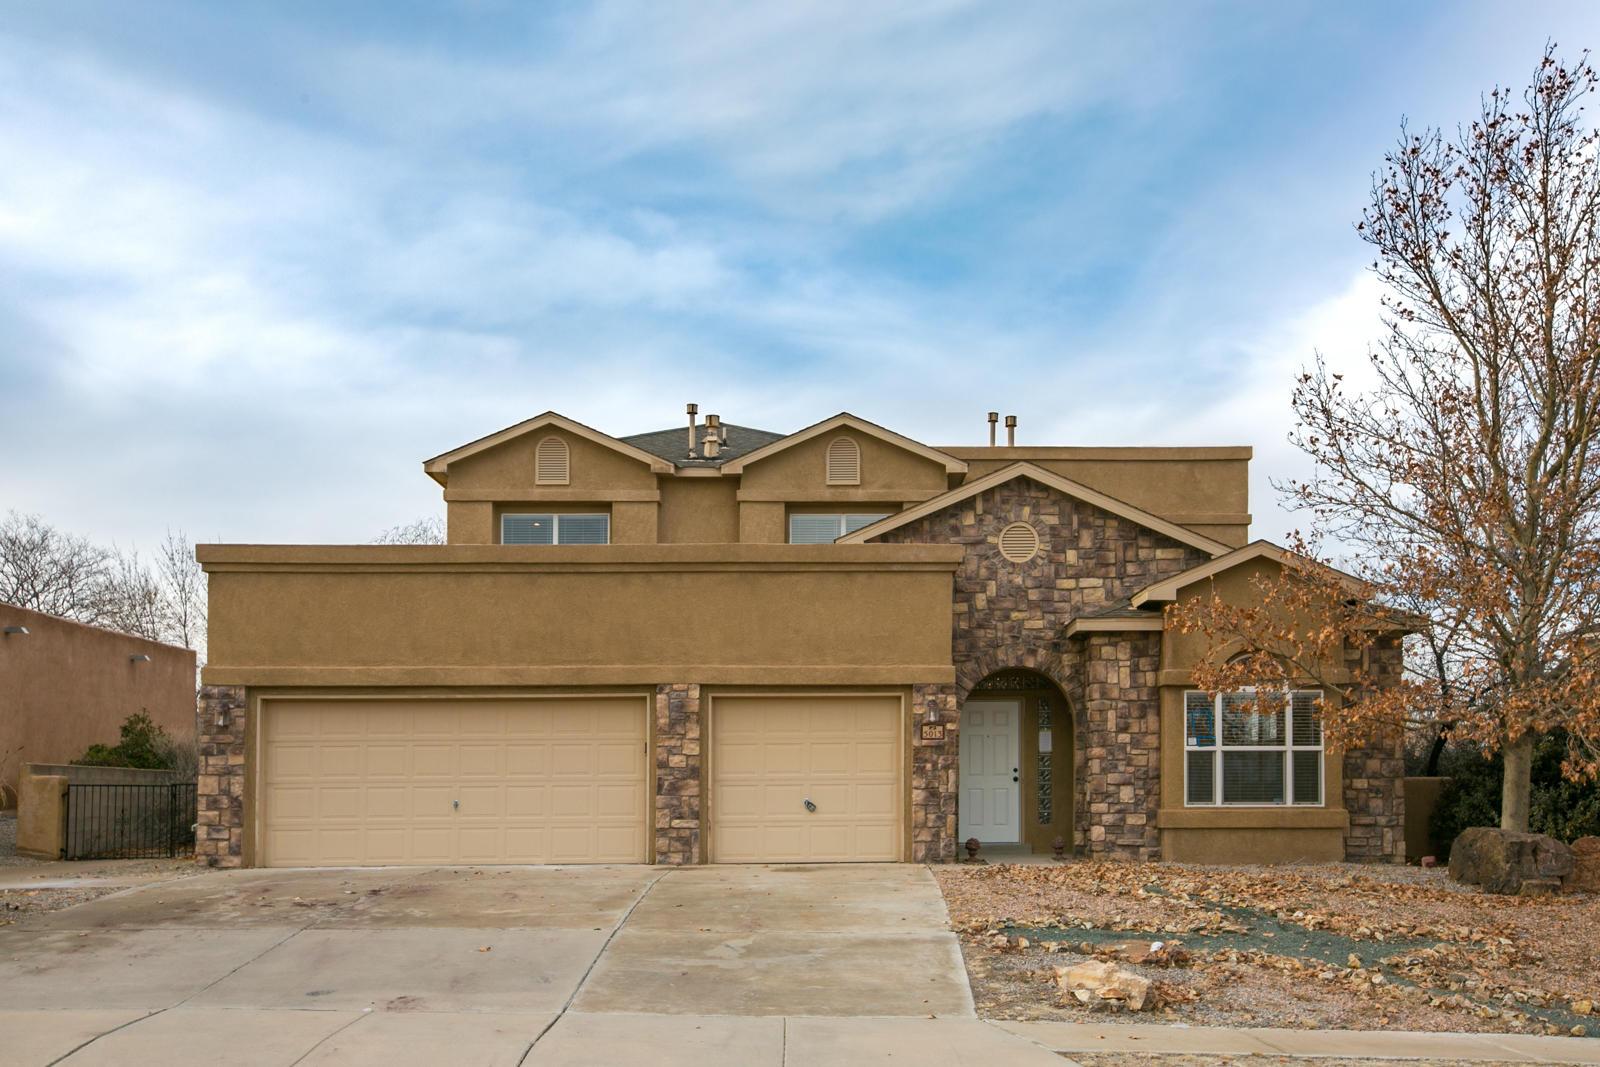 5013 NE Brighton Hills Place, Rio Rancho, New Mexico